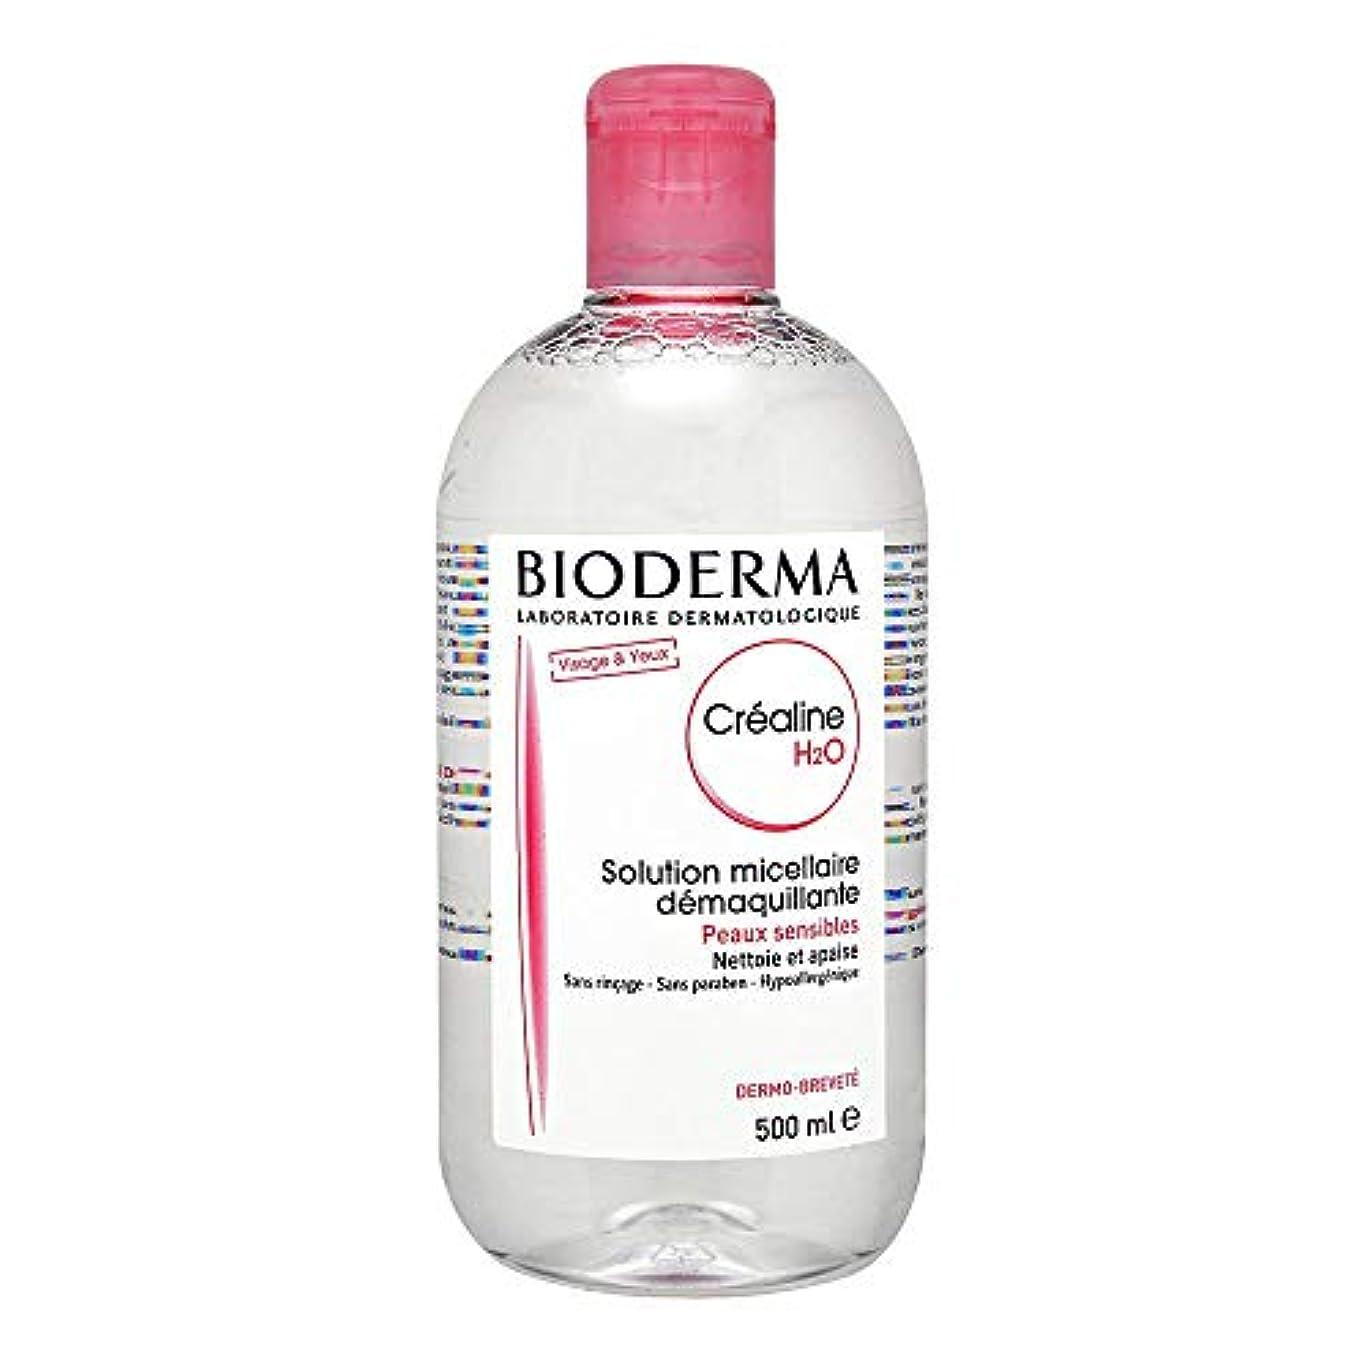 宿泊魅力里親ビオデルマ(Bioderma) クレアリヌ H2O ソリューション ミスレール(全ての肌用) [並行輸入品]